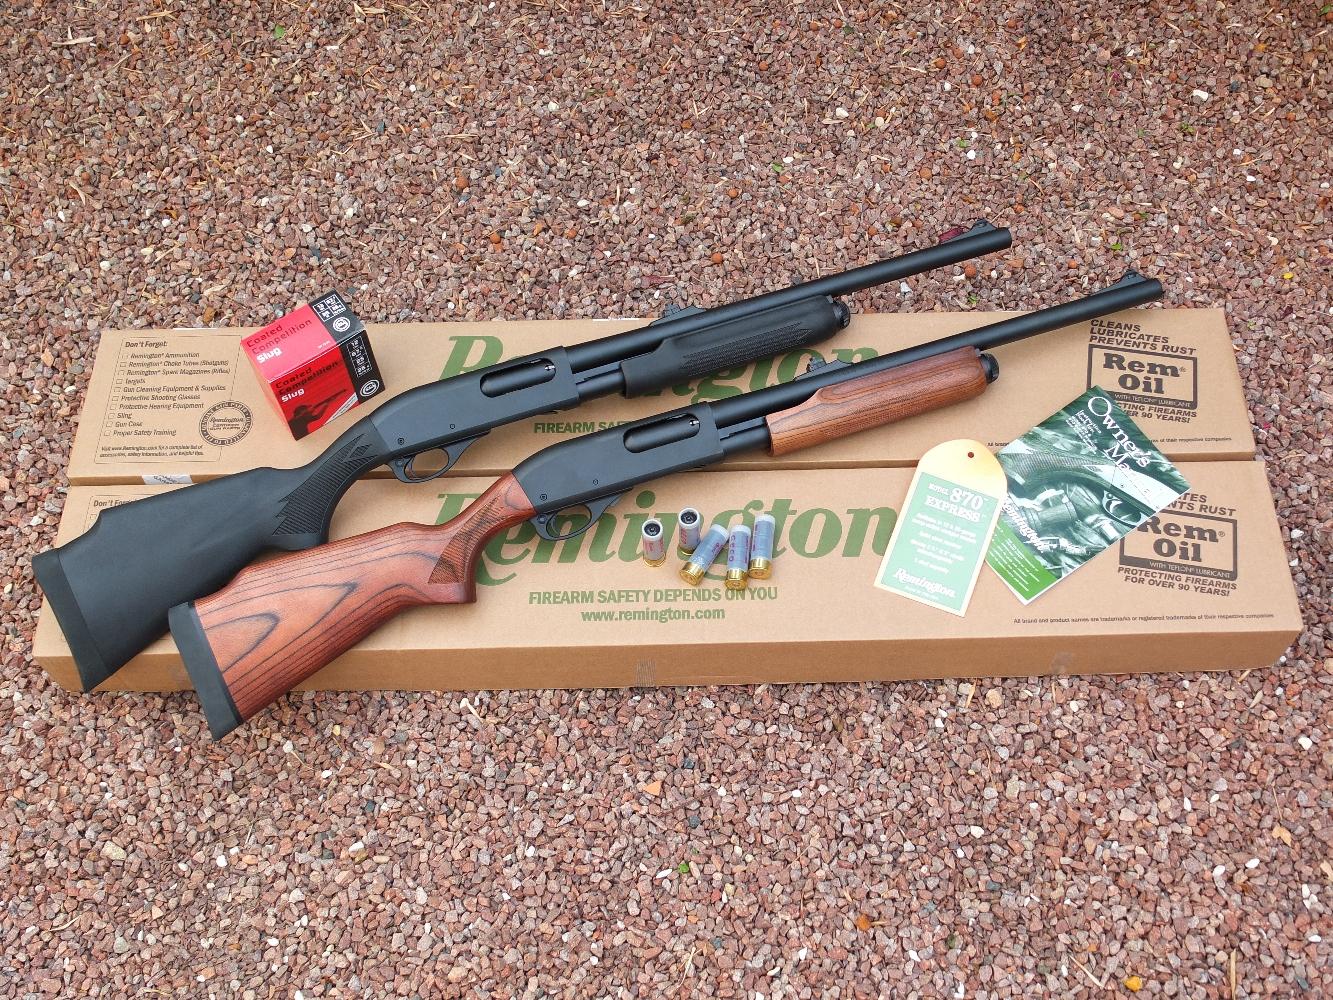 Le modèle 870 « Express » de la firme américaine Remington est proposé, au choix, avec une monture en polymère ou en bois lamellé collé. Dans les deux cas, il dispose d'un canon de 51 cm dont l'âme comporte huit rayures hélicoïdales. La prise de visée est assurée par de robustes éléments de visée en acier constitués par une hausse sur rampe, réglable en site et en azimut et un guidon installé à queue d'aronde sur son embase.